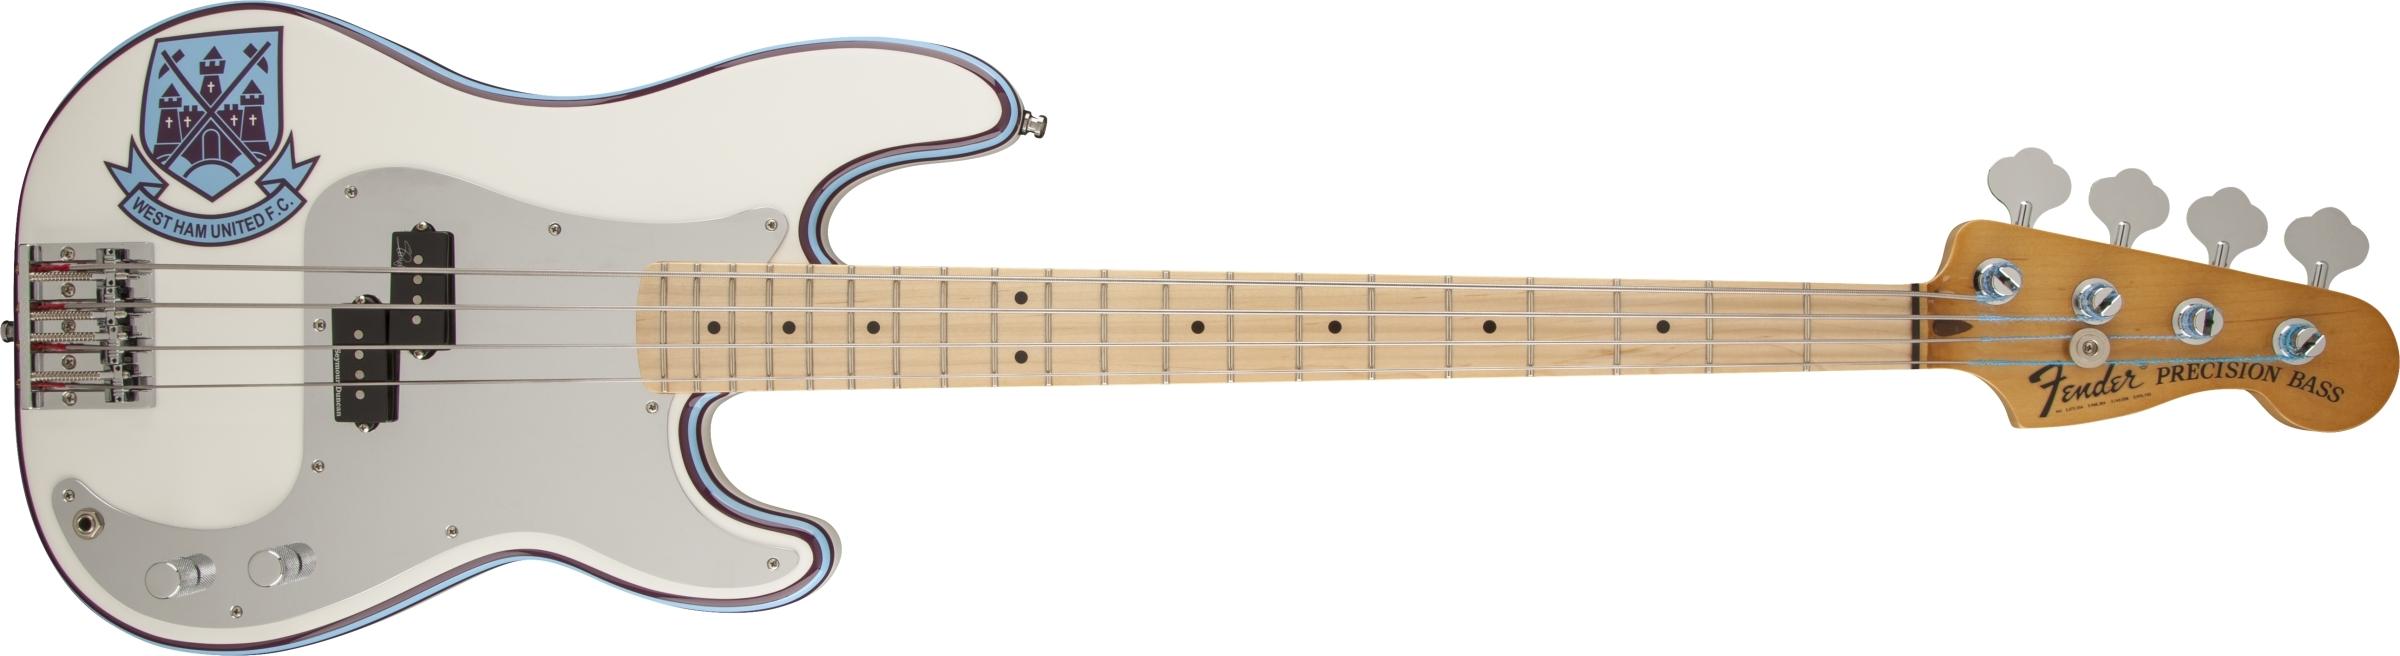 Steve Harris P Bass : steve harris precision bass fender bass guitars ~ Vivirlamusica.com Haus und Dekorationen